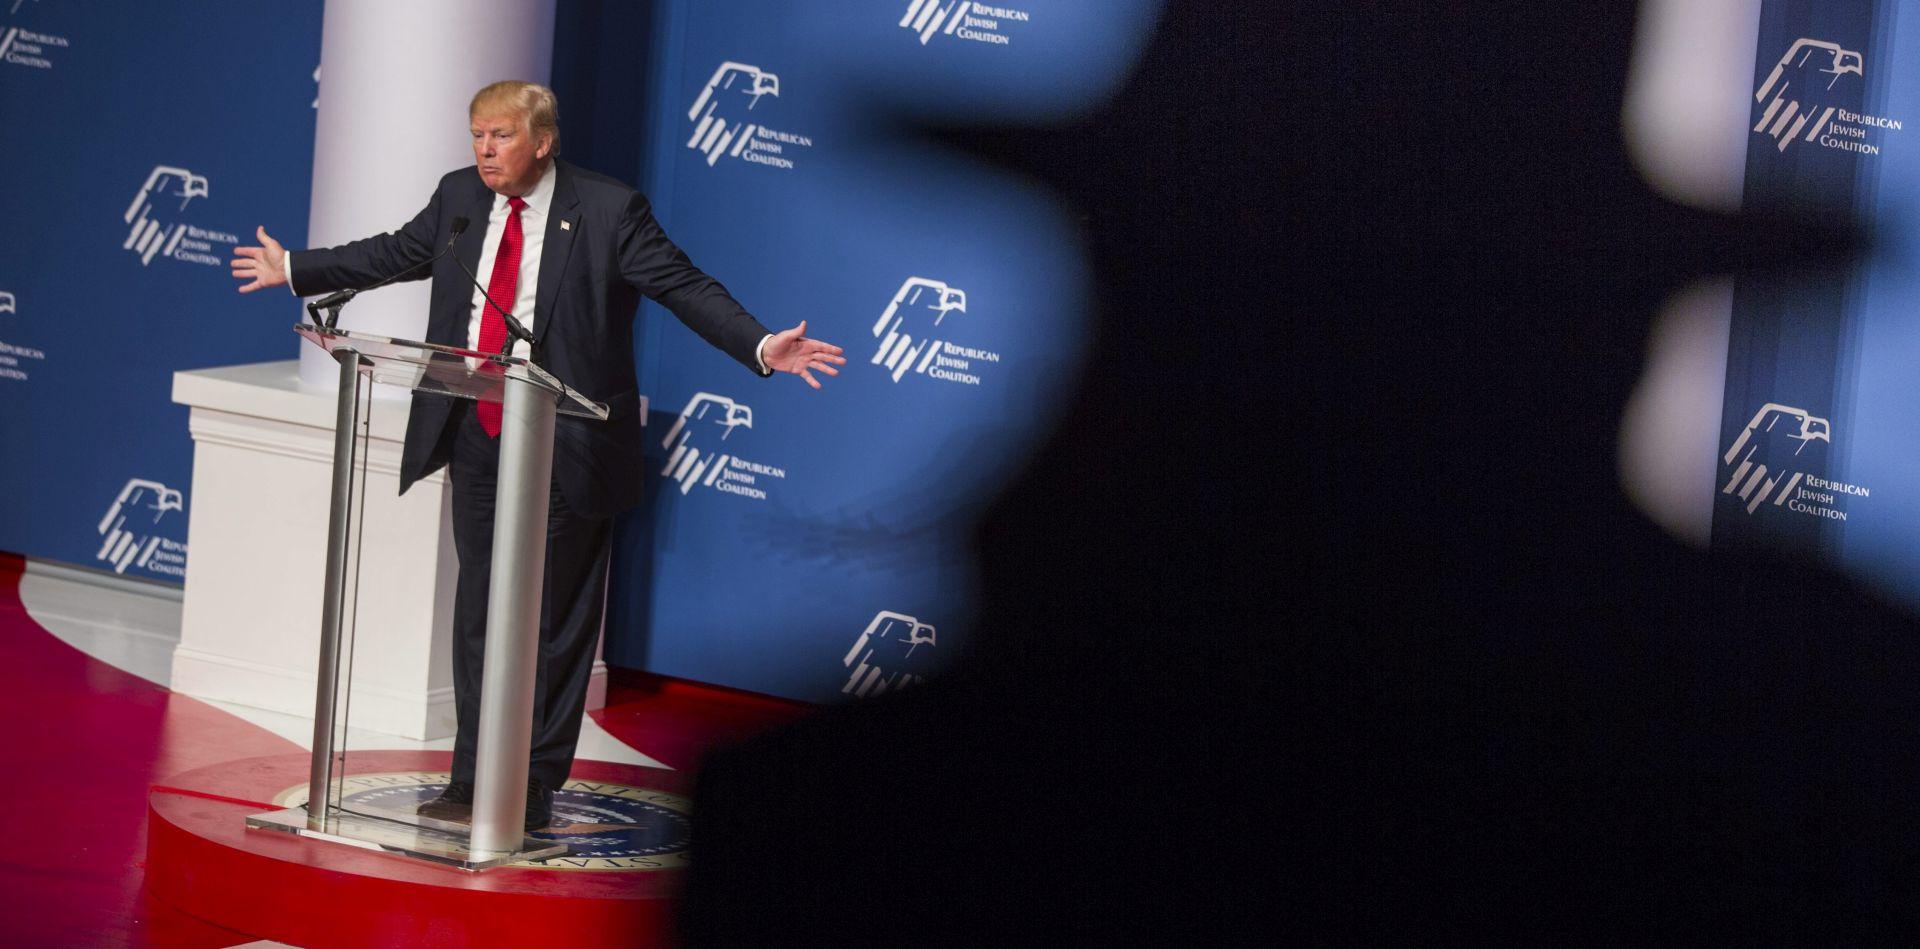 35.000 Britanaca potpisalo peticiju za zabranu ulaska u zemlju Donalda Trumpa